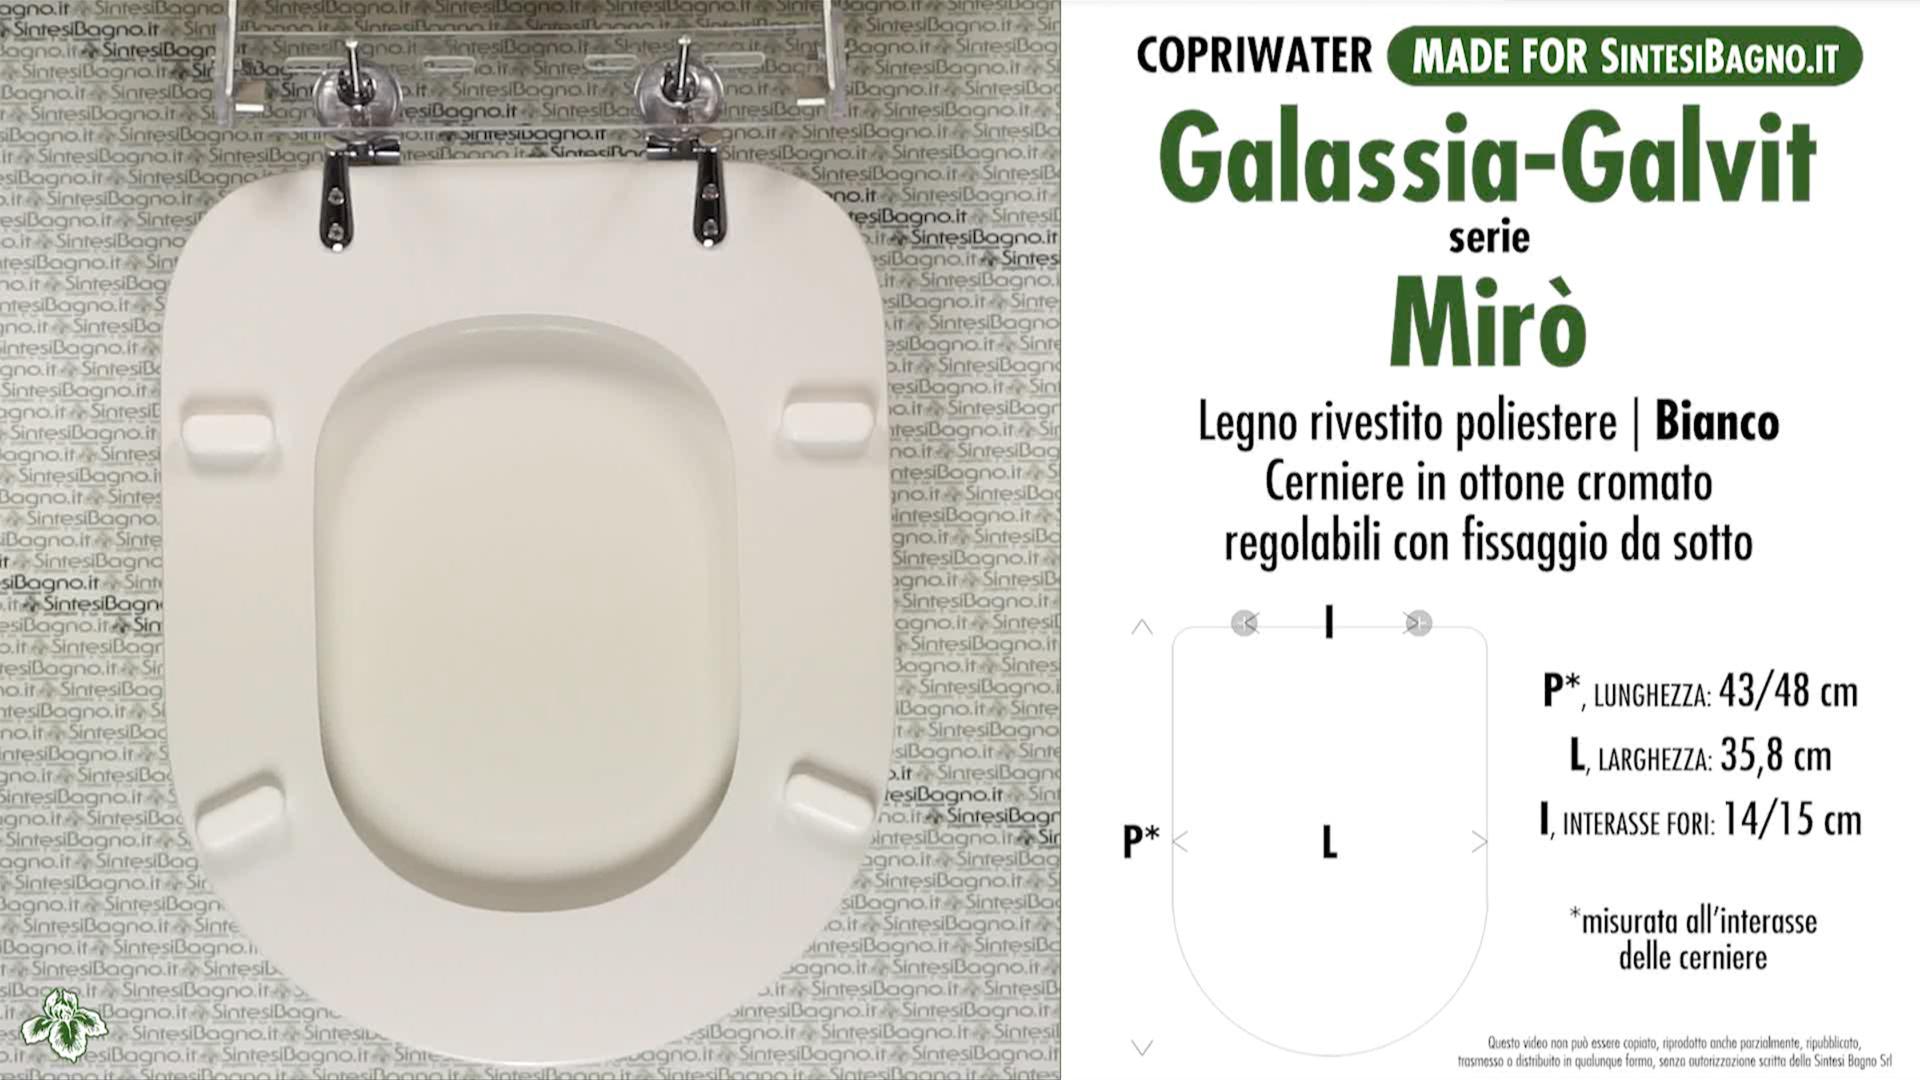 SCHEDA TECNICA MISURE copriwater GALASSIA-GALVIT MIRO'